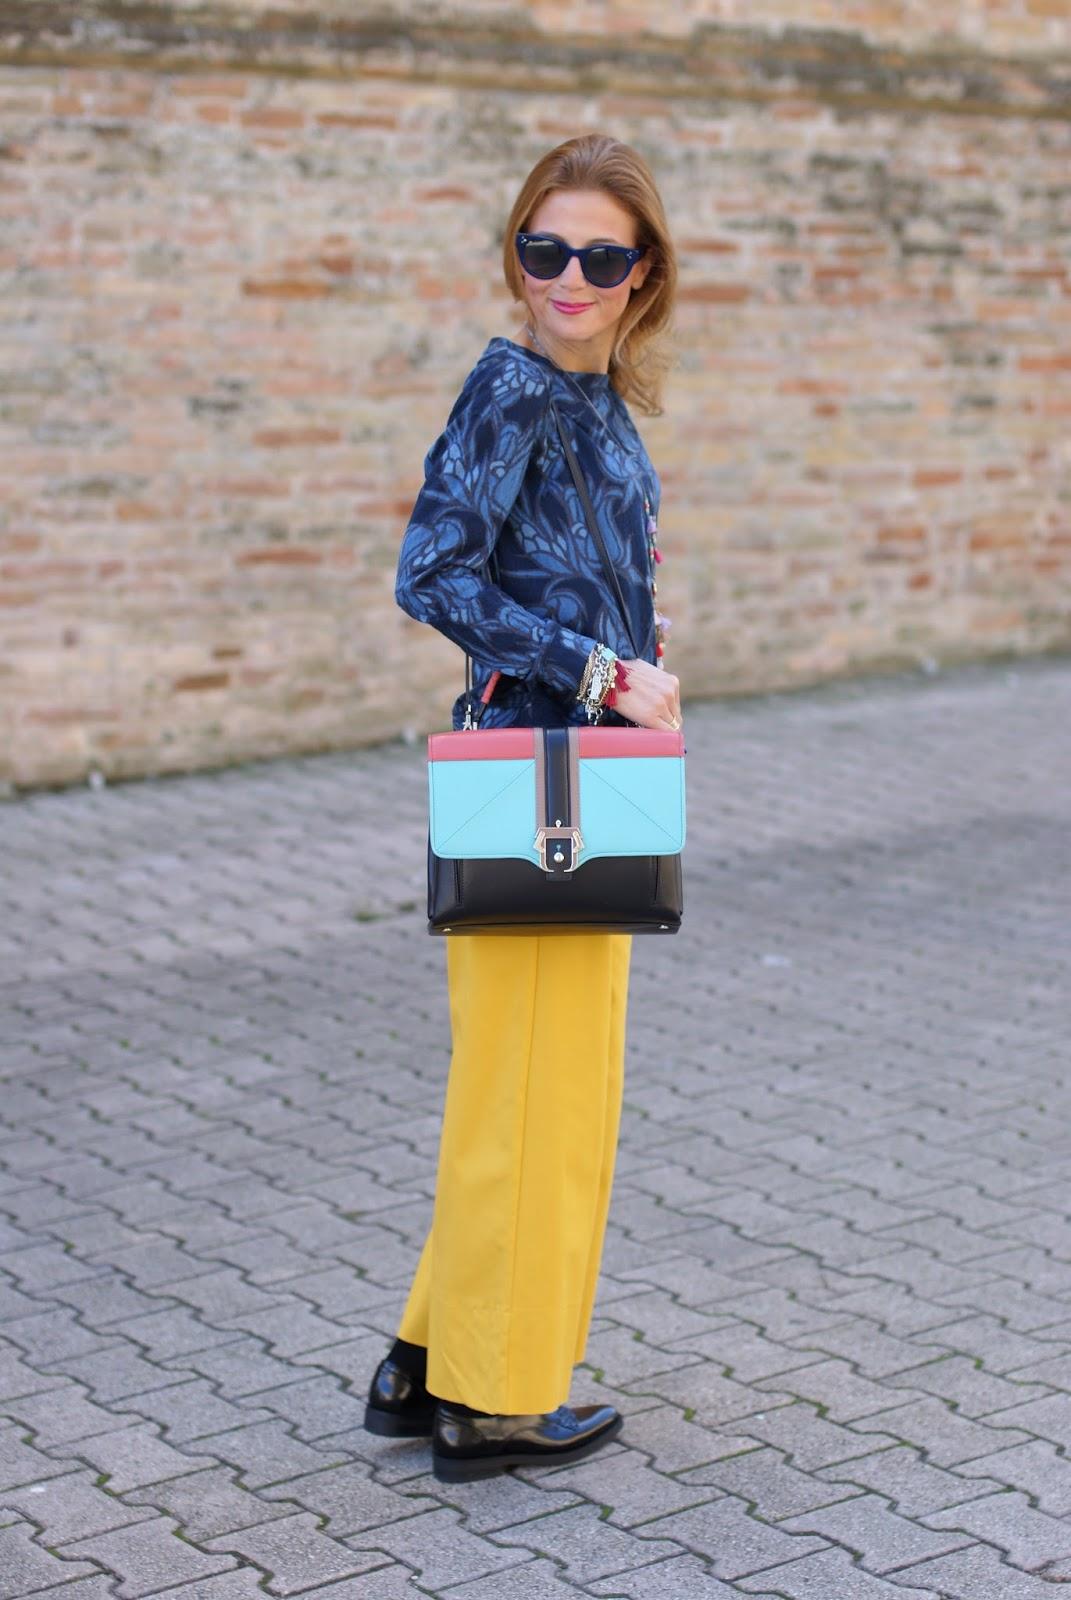 Paula Cademartori Faye handbag, yellow pants and Hype Glass on Fashion and Cookies fashion blog